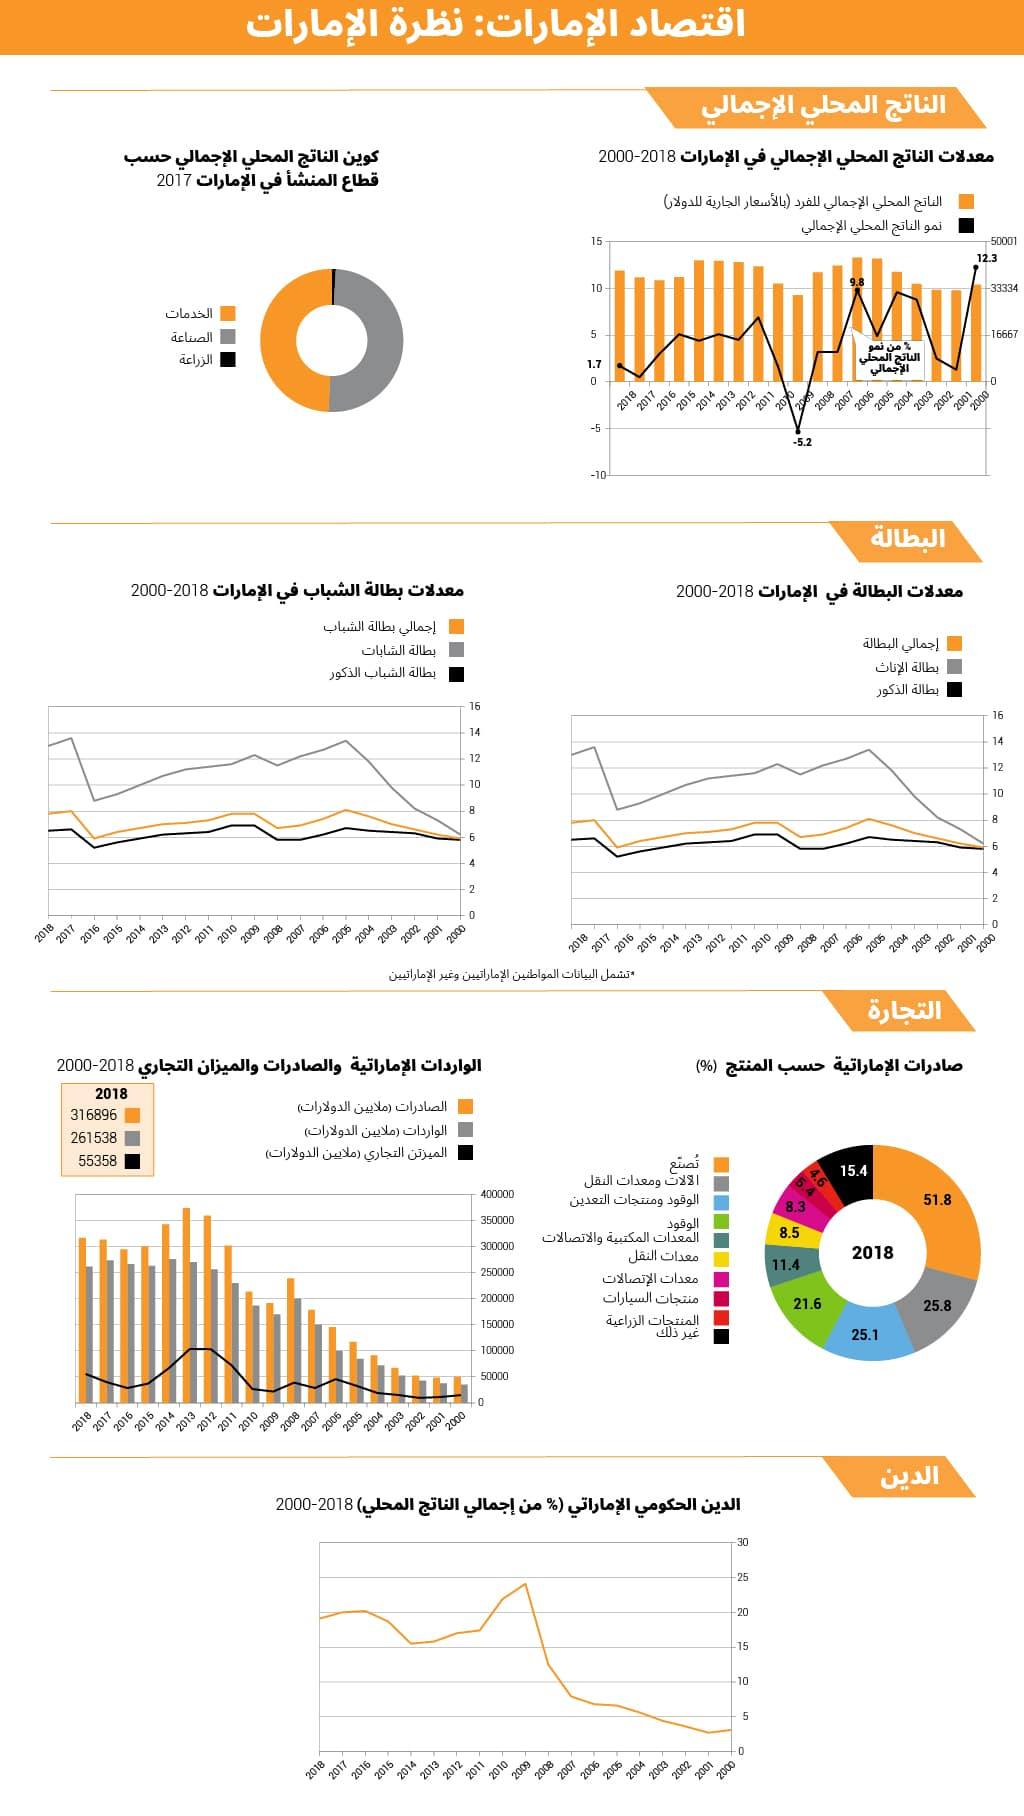 Economy of UAE